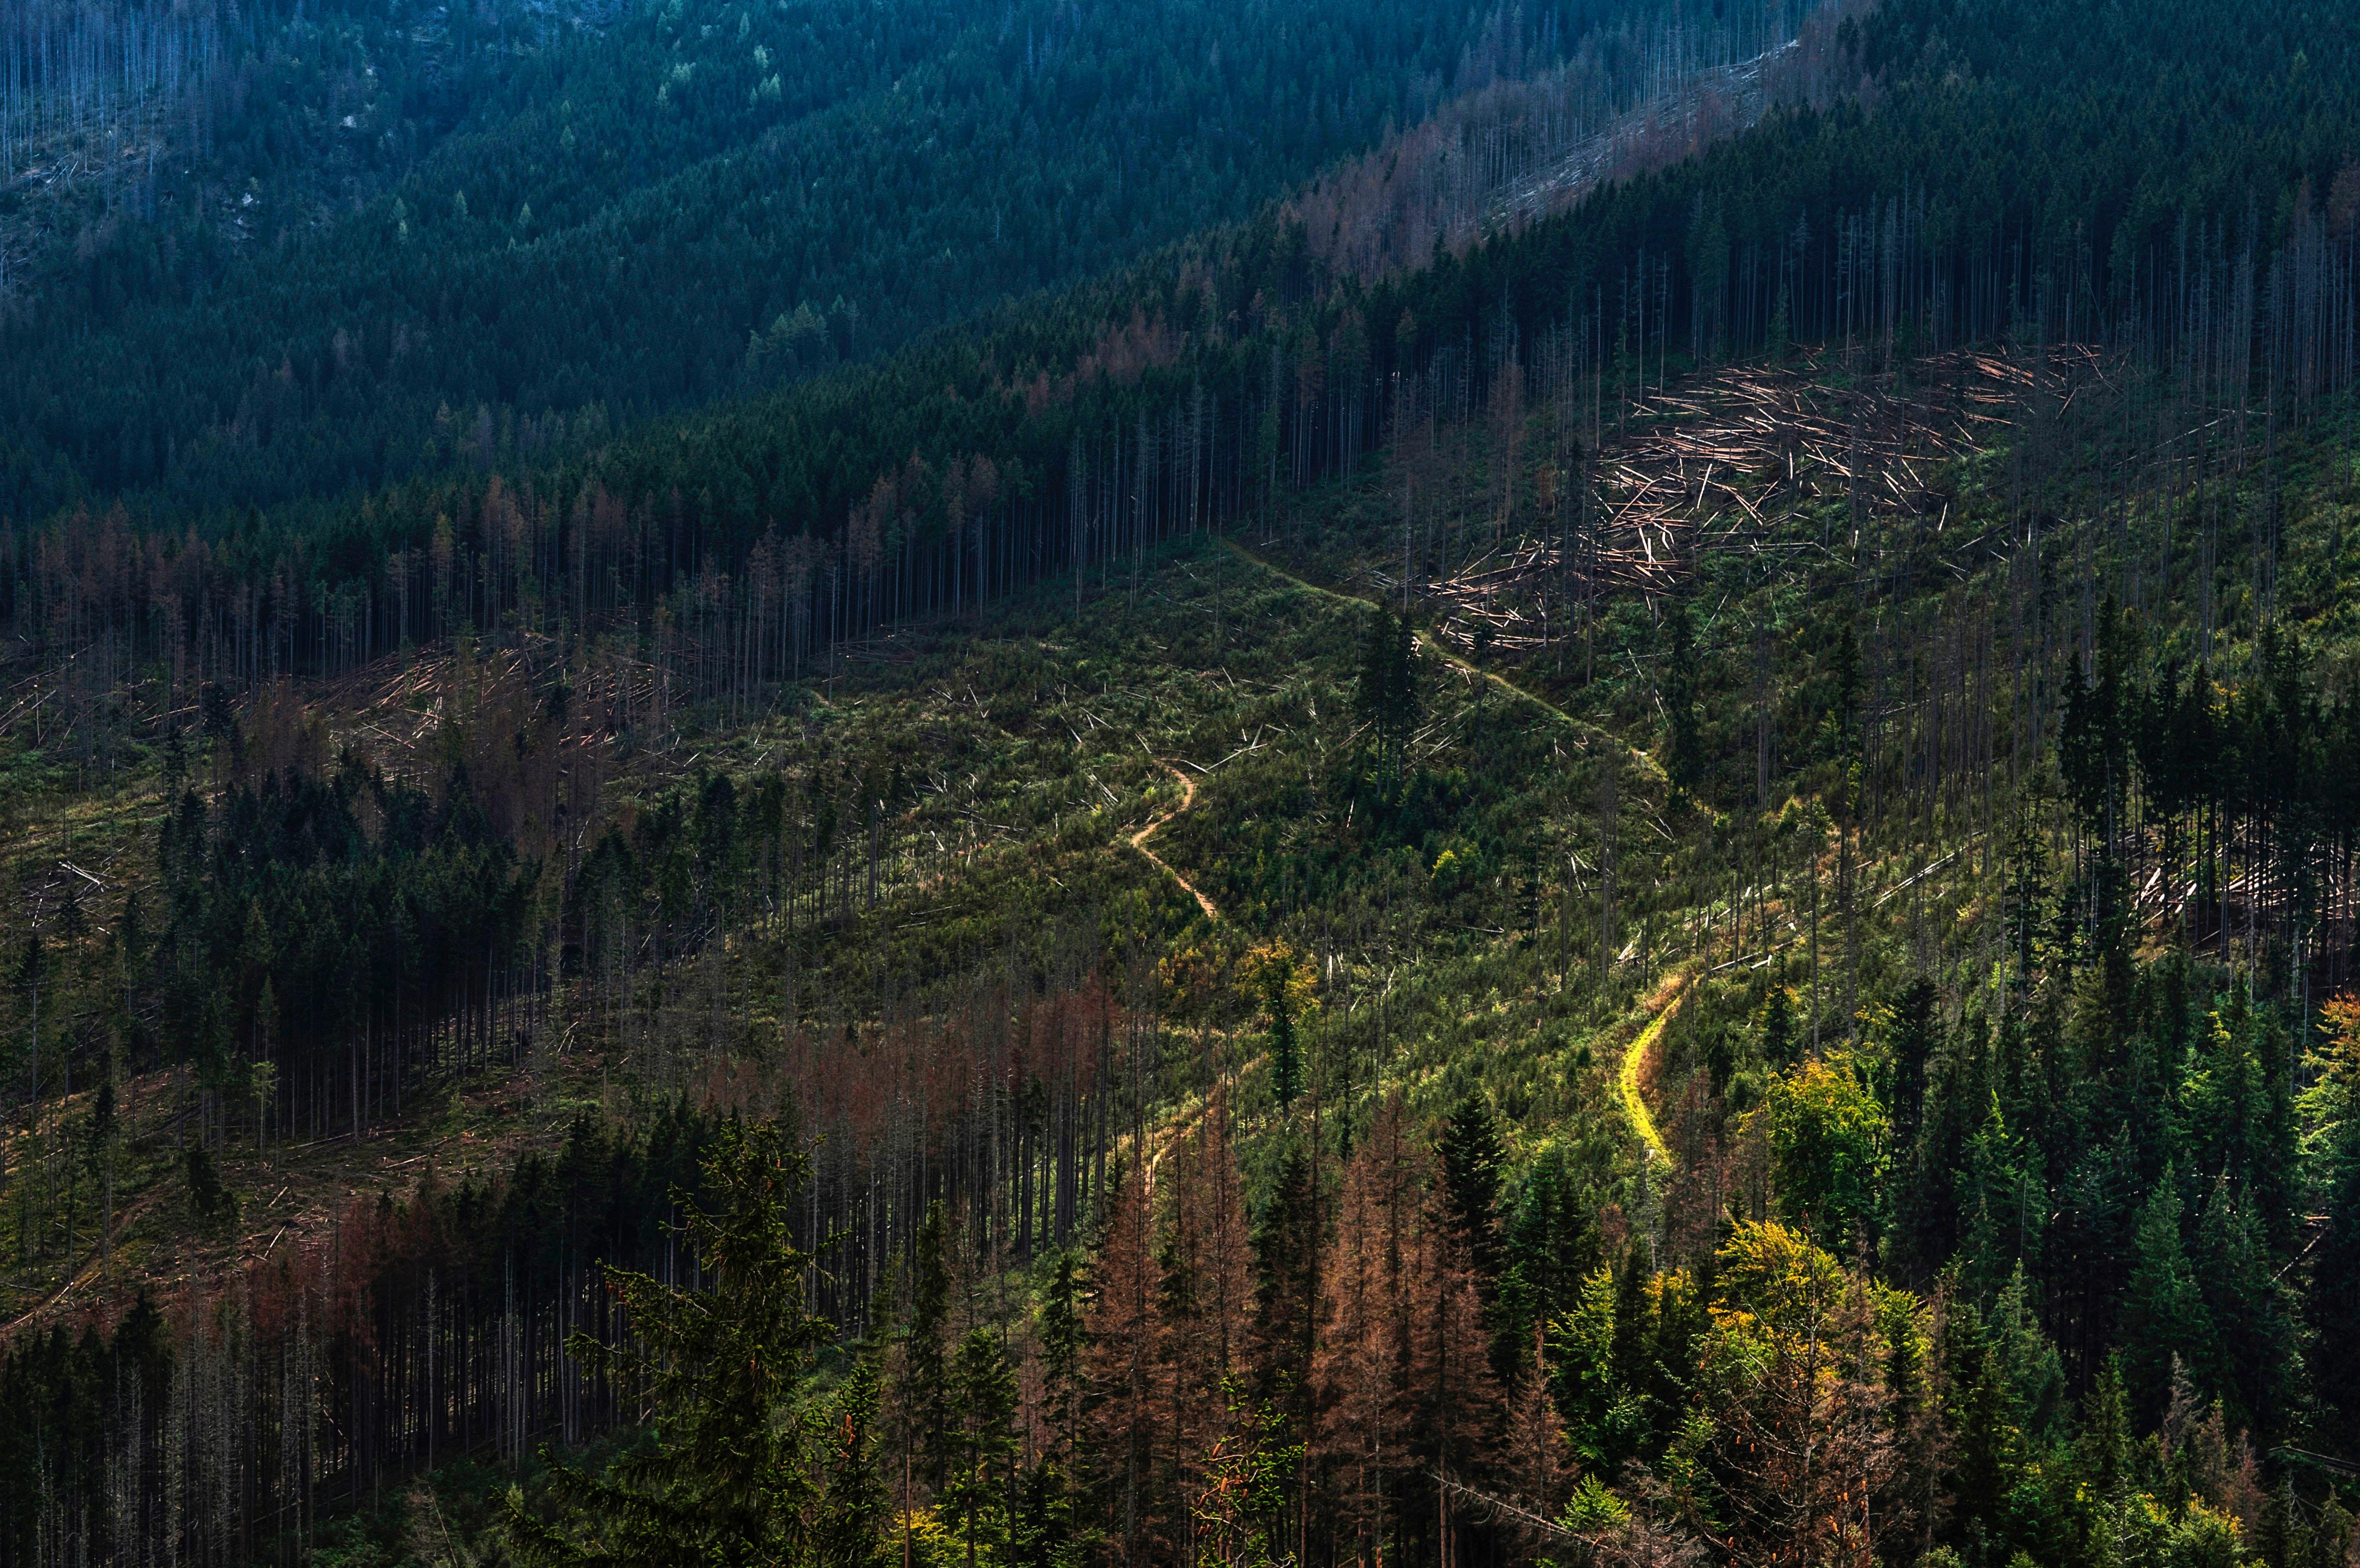 la déforestation et disparition de la biodiversité